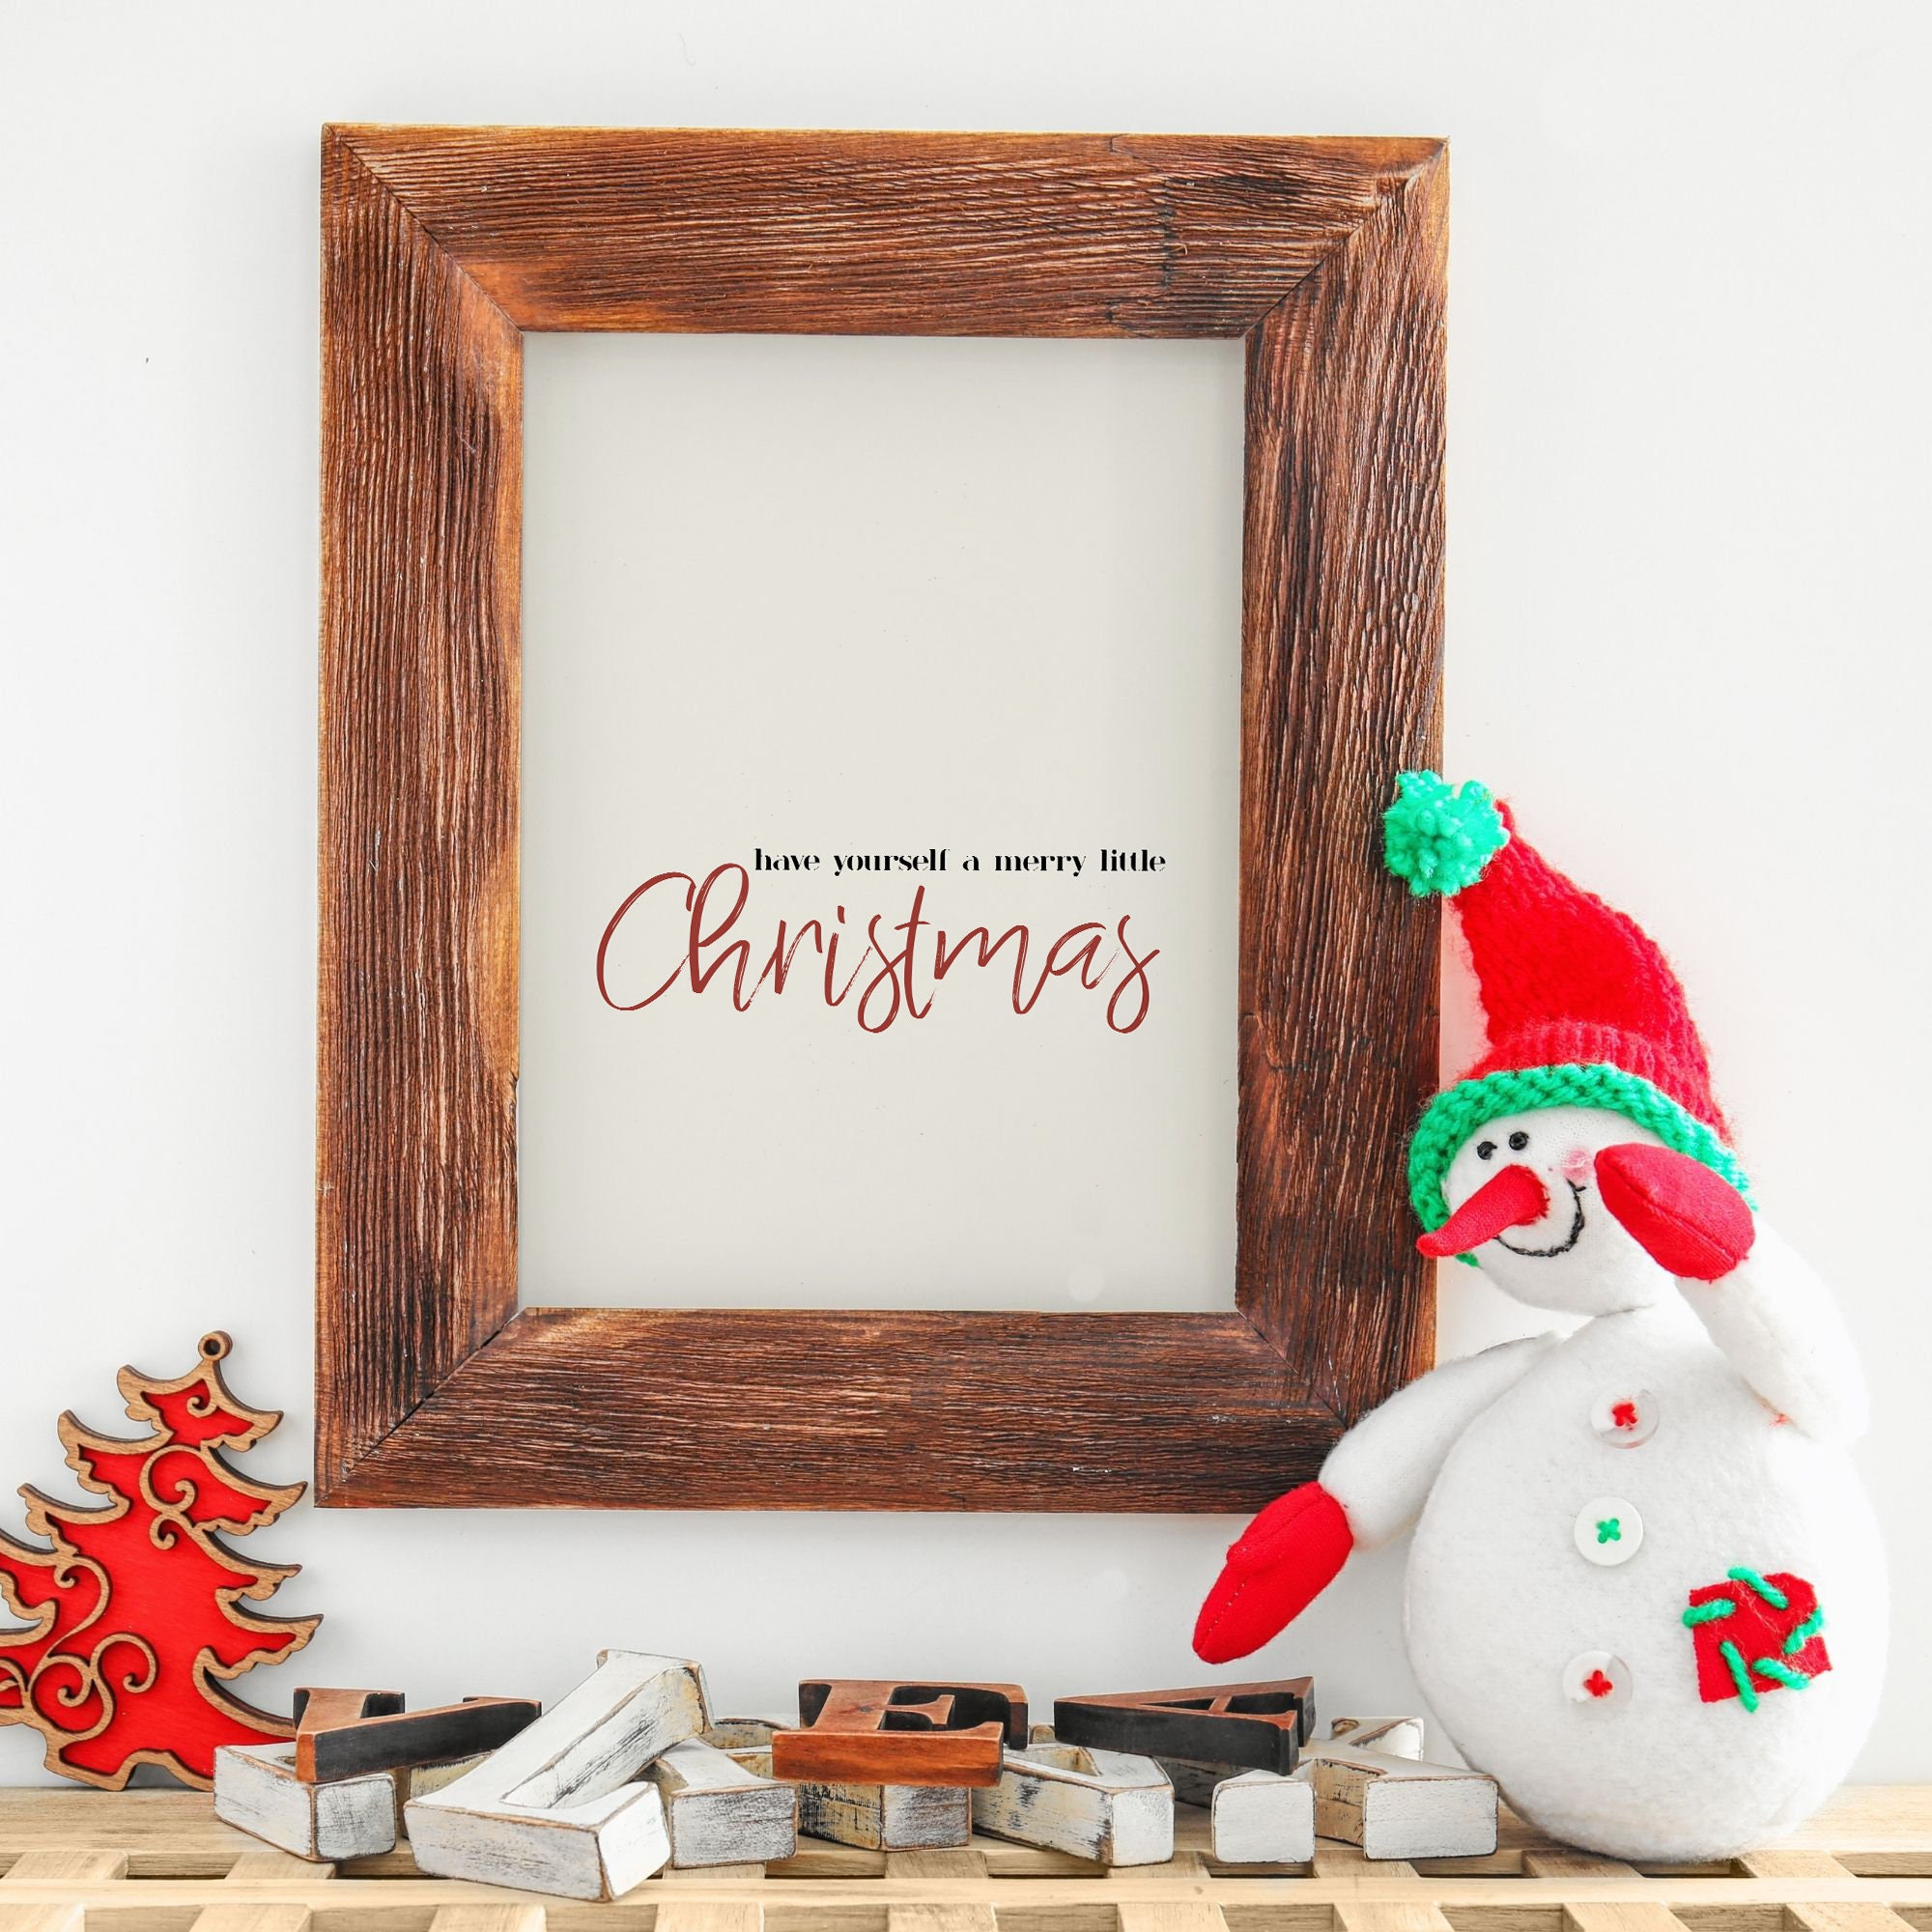 Merry Little Christmas Wall Art Christmas Song Printable Minimal Modern Holiday Art Download